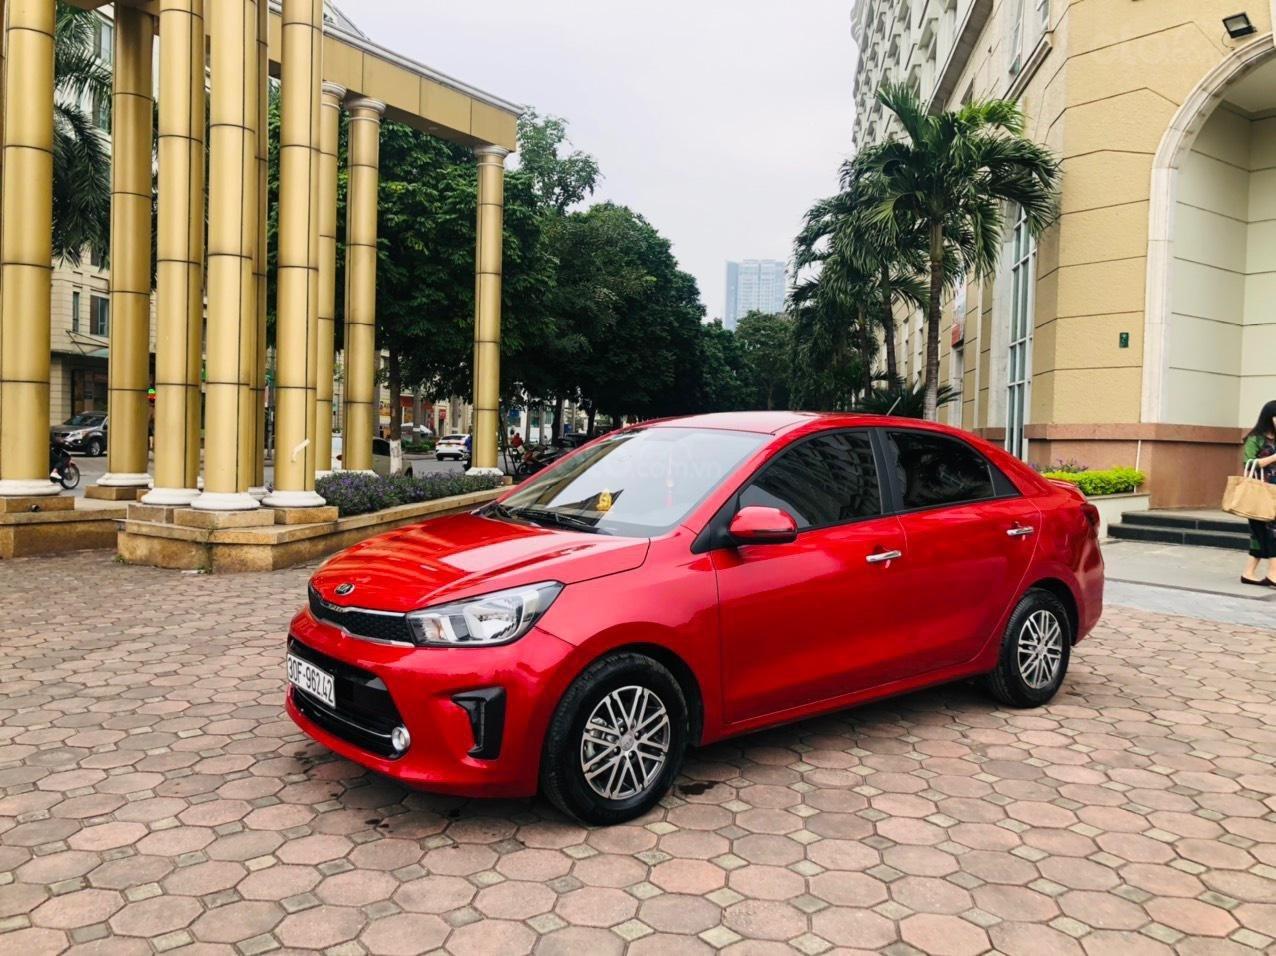 Cần bán Kia Soluto 2019, xe đi siêu lướt, giao xe ngay, giá cực tốt (2)